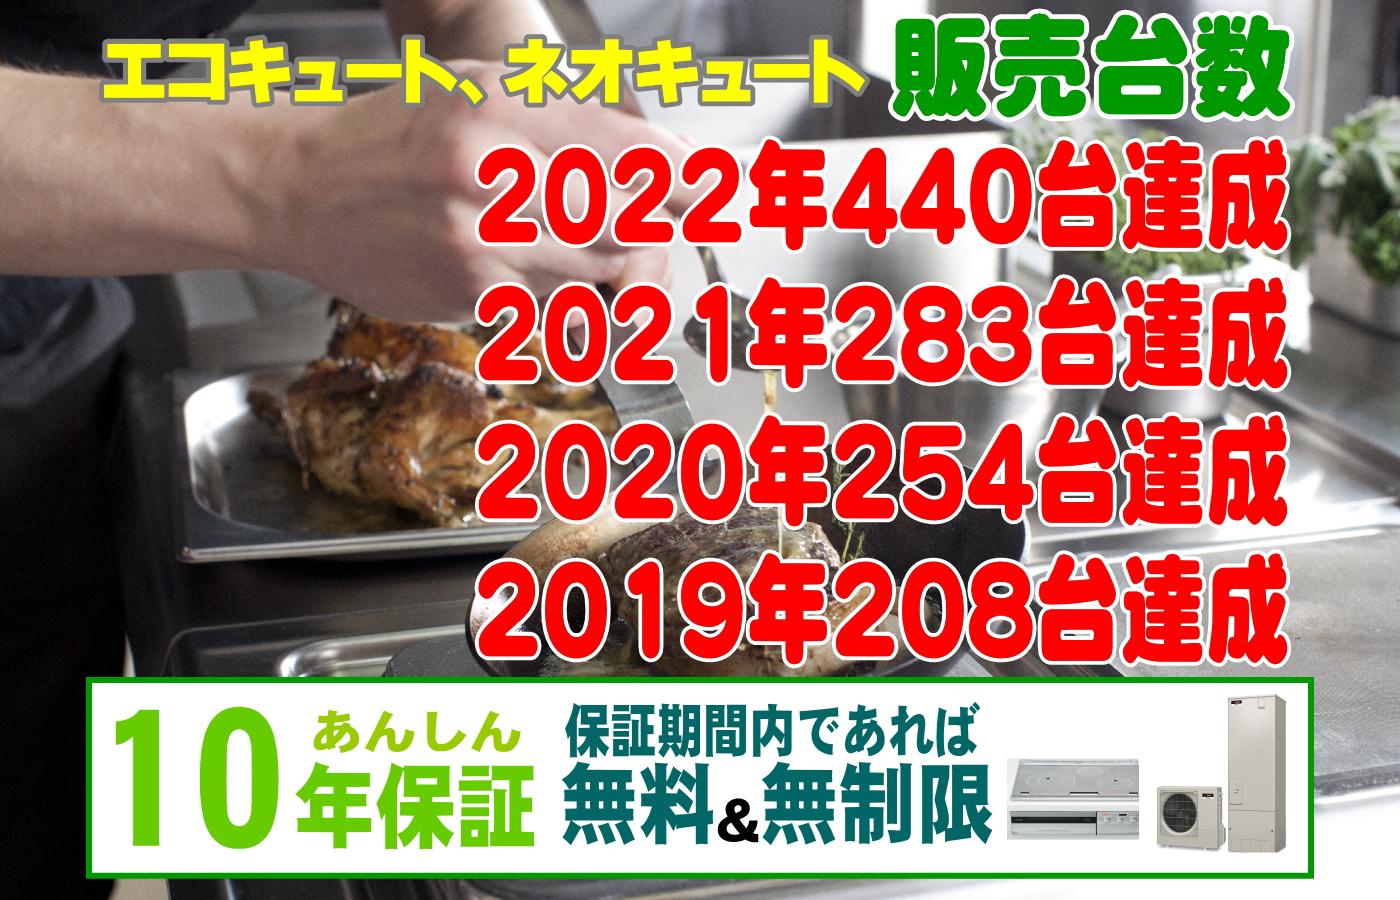 オール電化工事、エコキュート故障、IH修理 旭 株式会社